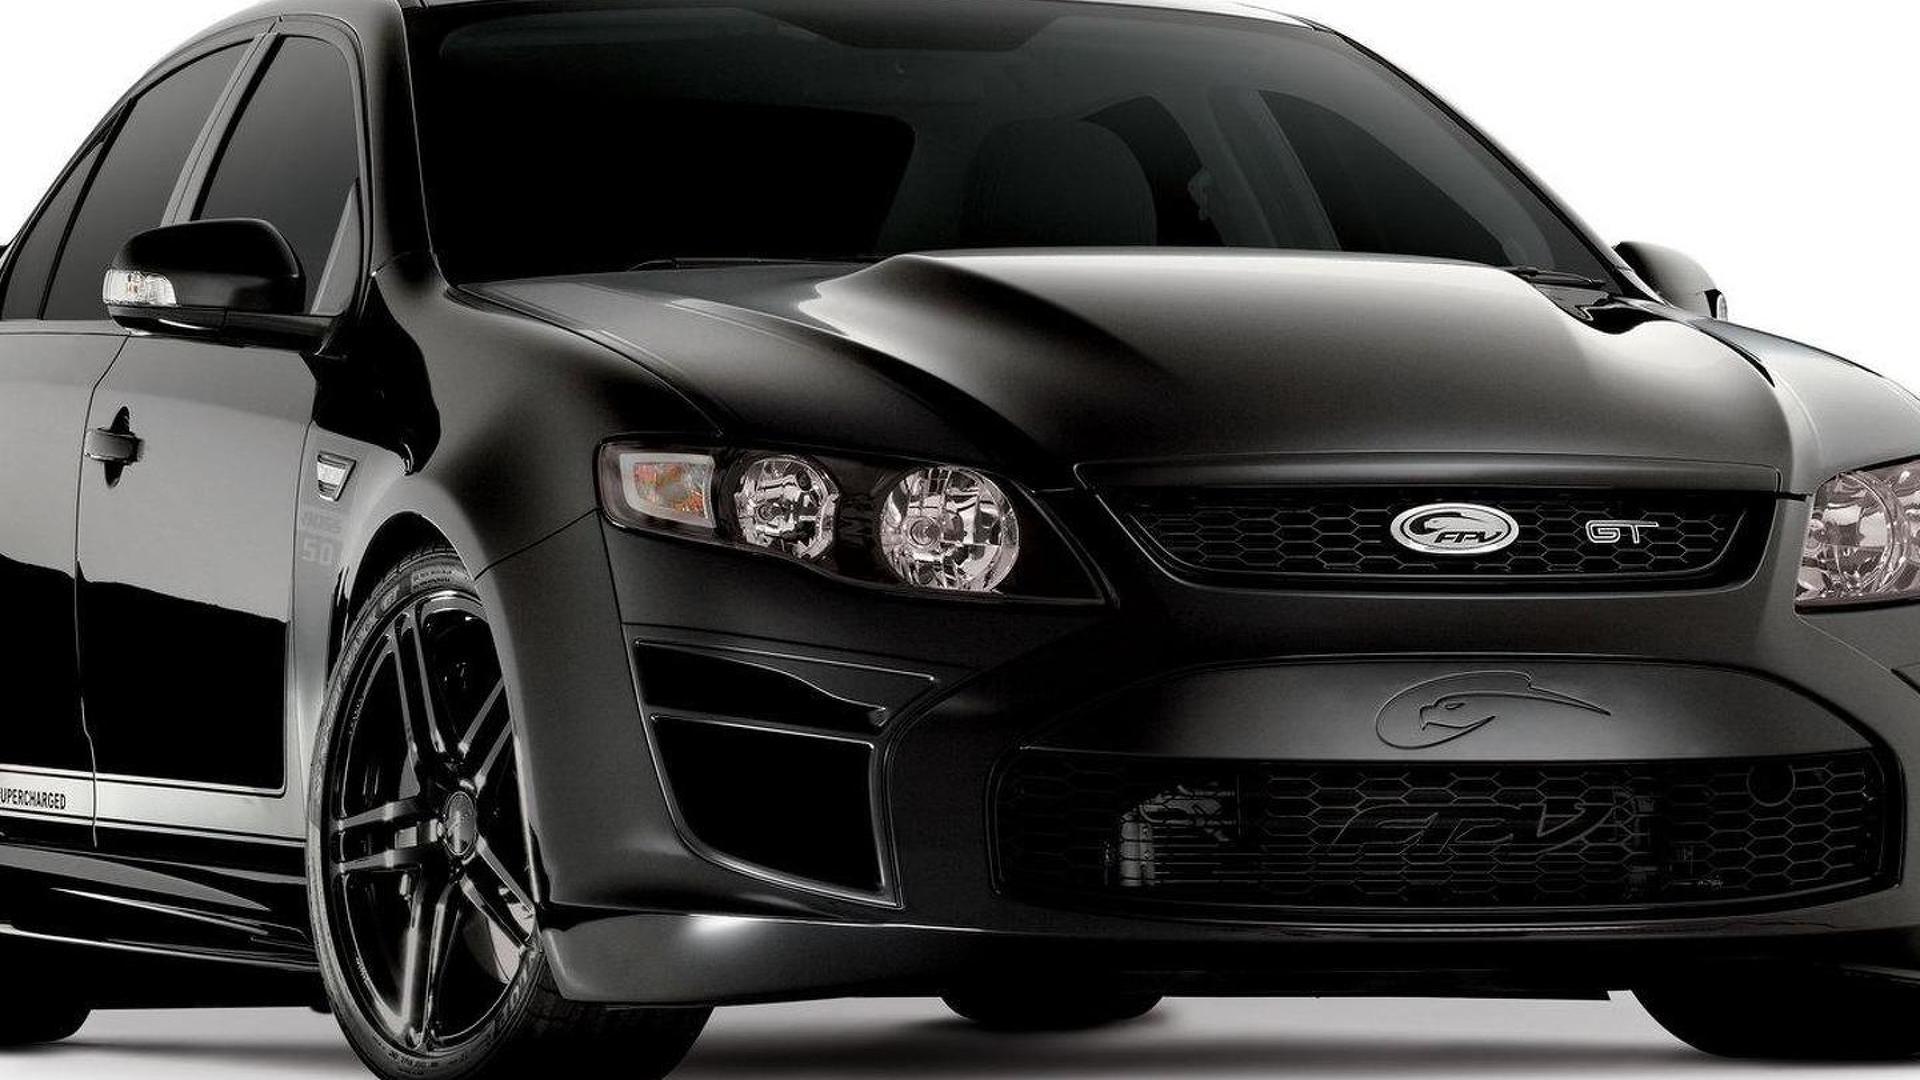 Le Concept Ford Falcon GT débarque en force